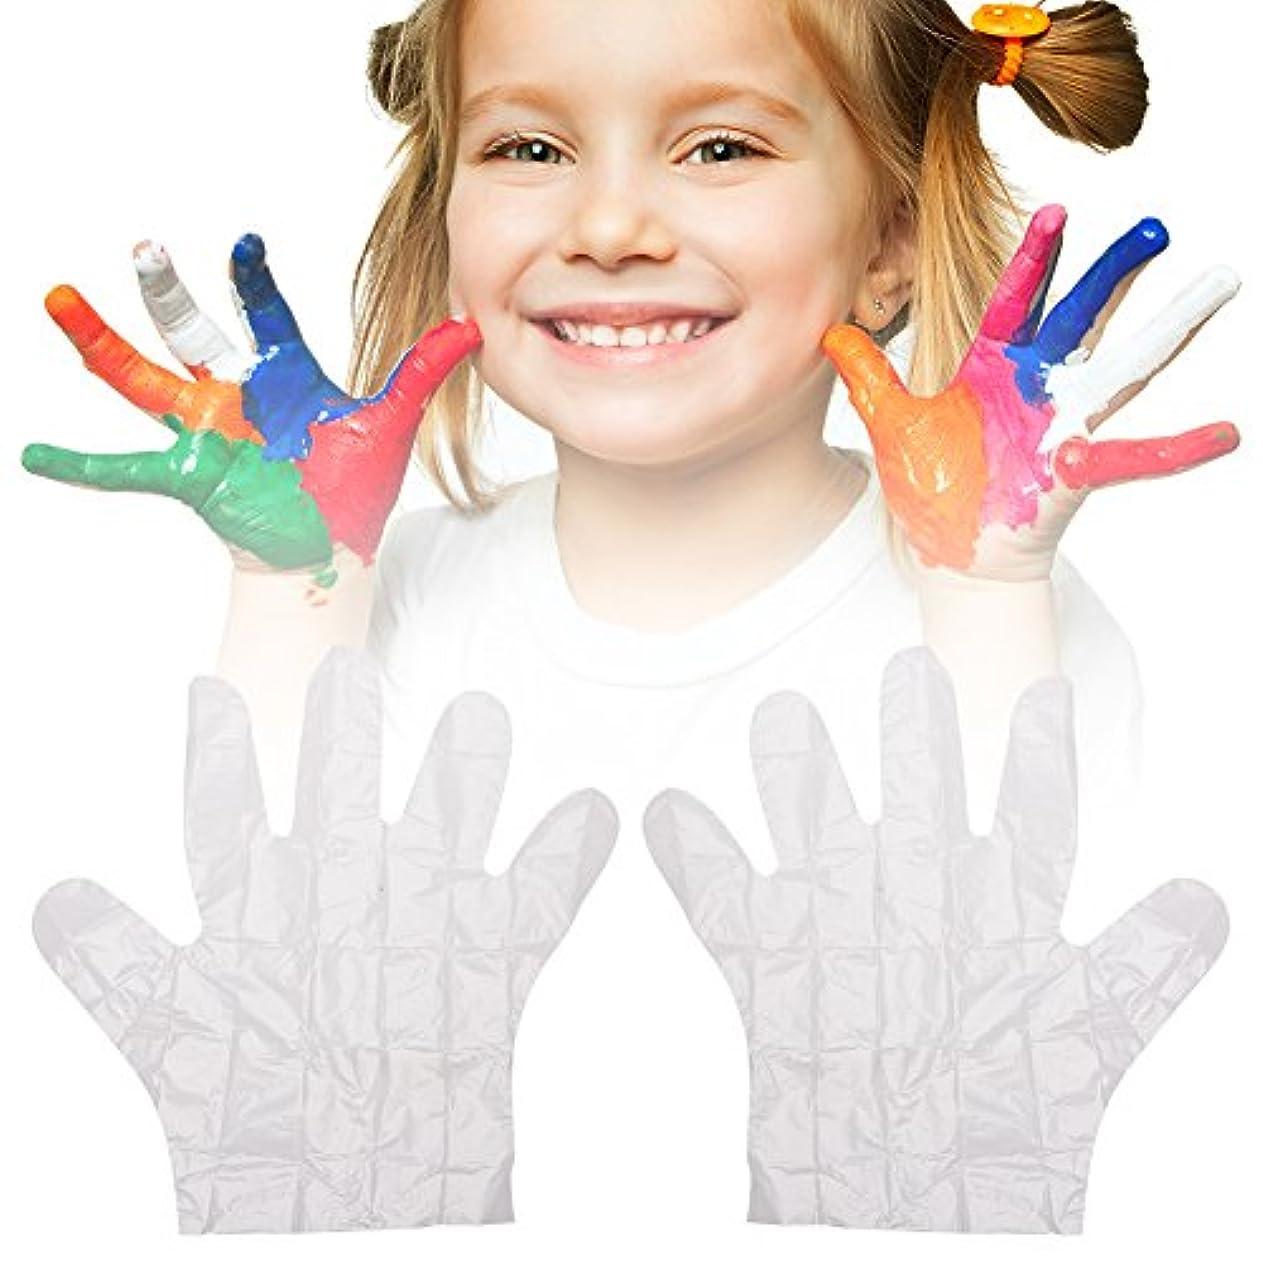 災難労働者光電卓仕朗 手袋使い捨て 子供用 使い捨て手袋 キッズ専用 食品 調理 キッチン用品 透明 手袋 200枚